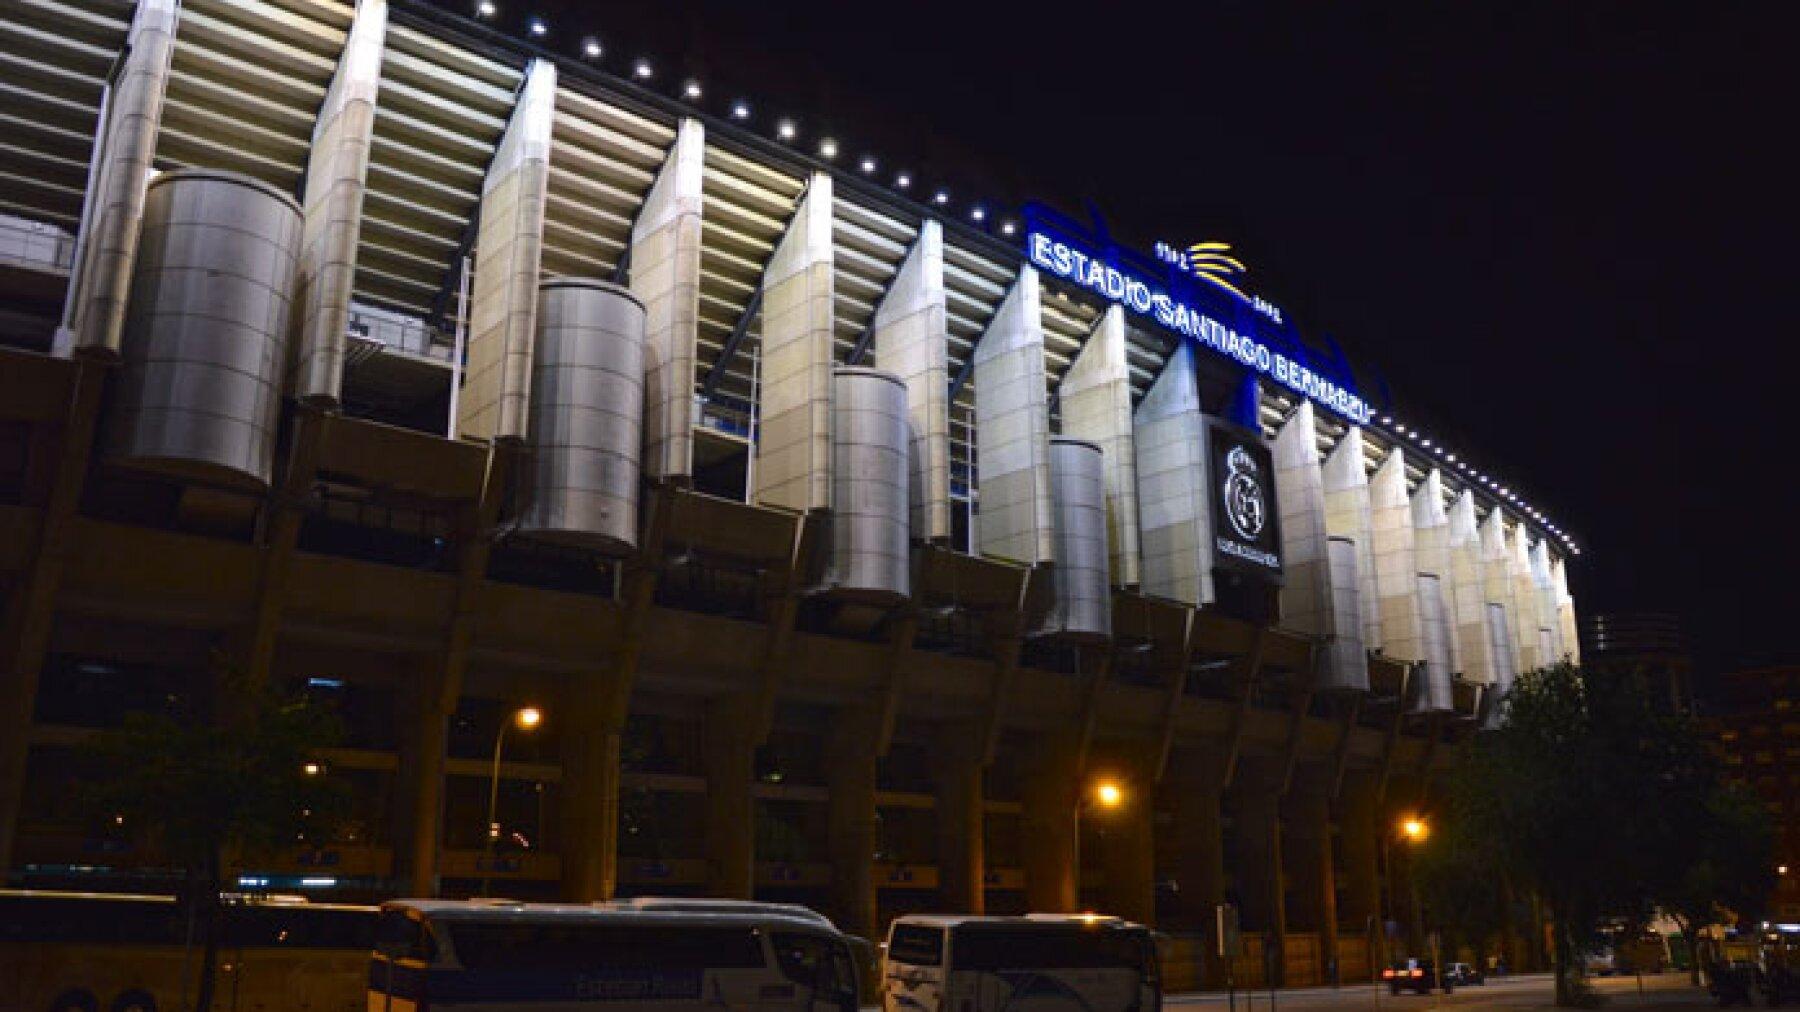 Estadio del Bernabéu